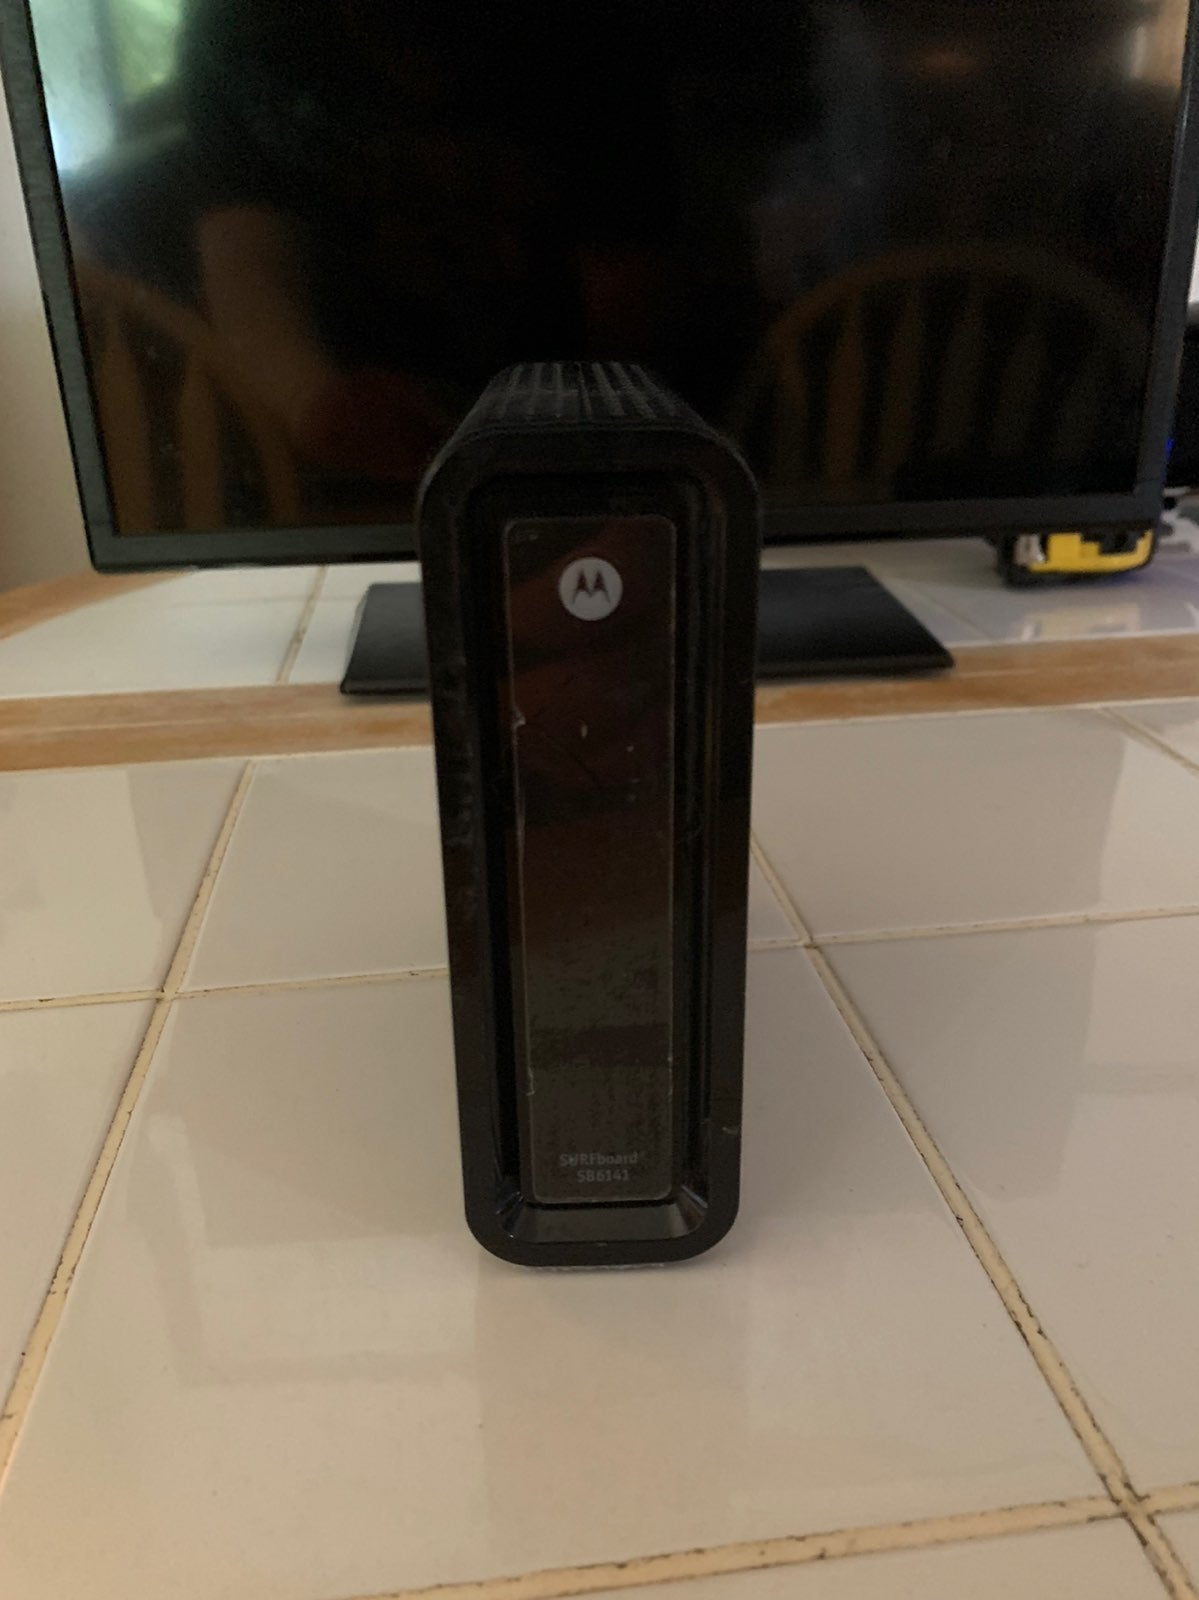 Motorola SURFboard® Wireless Cable Modem